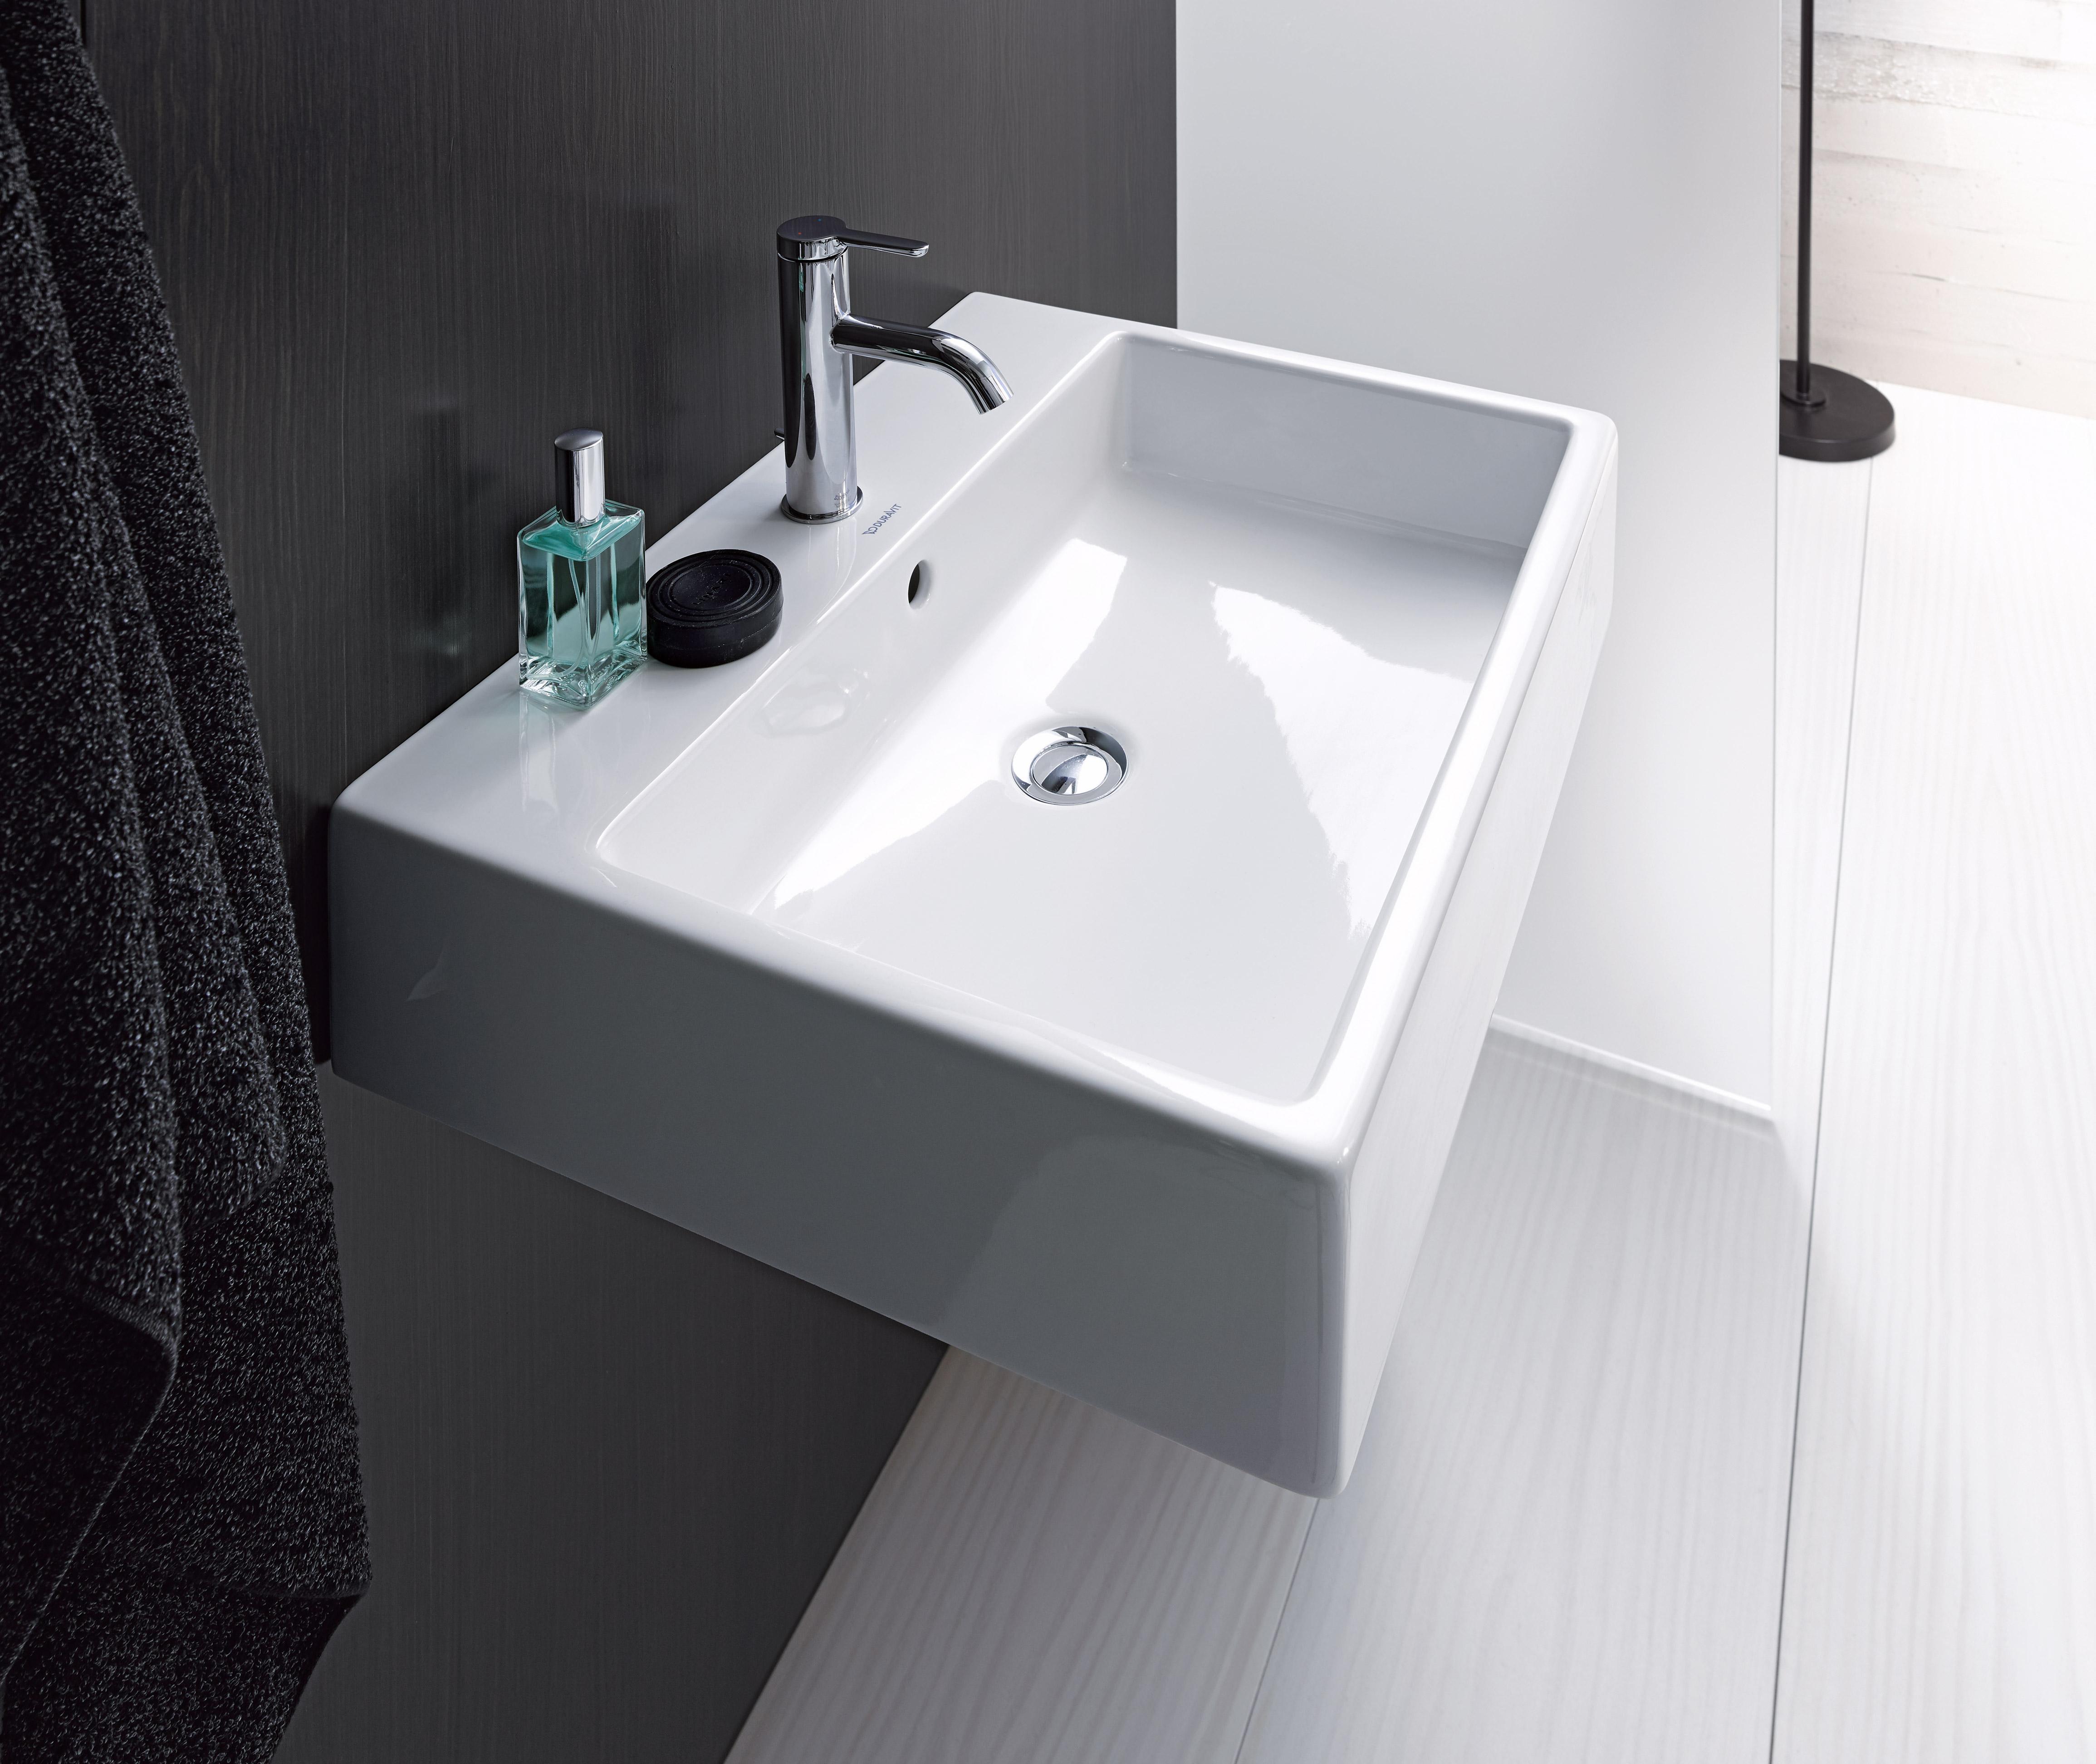 waschtische waschbecken aus keramik duravit. Black Bedroom Furniture Sets. Home Design Ideas